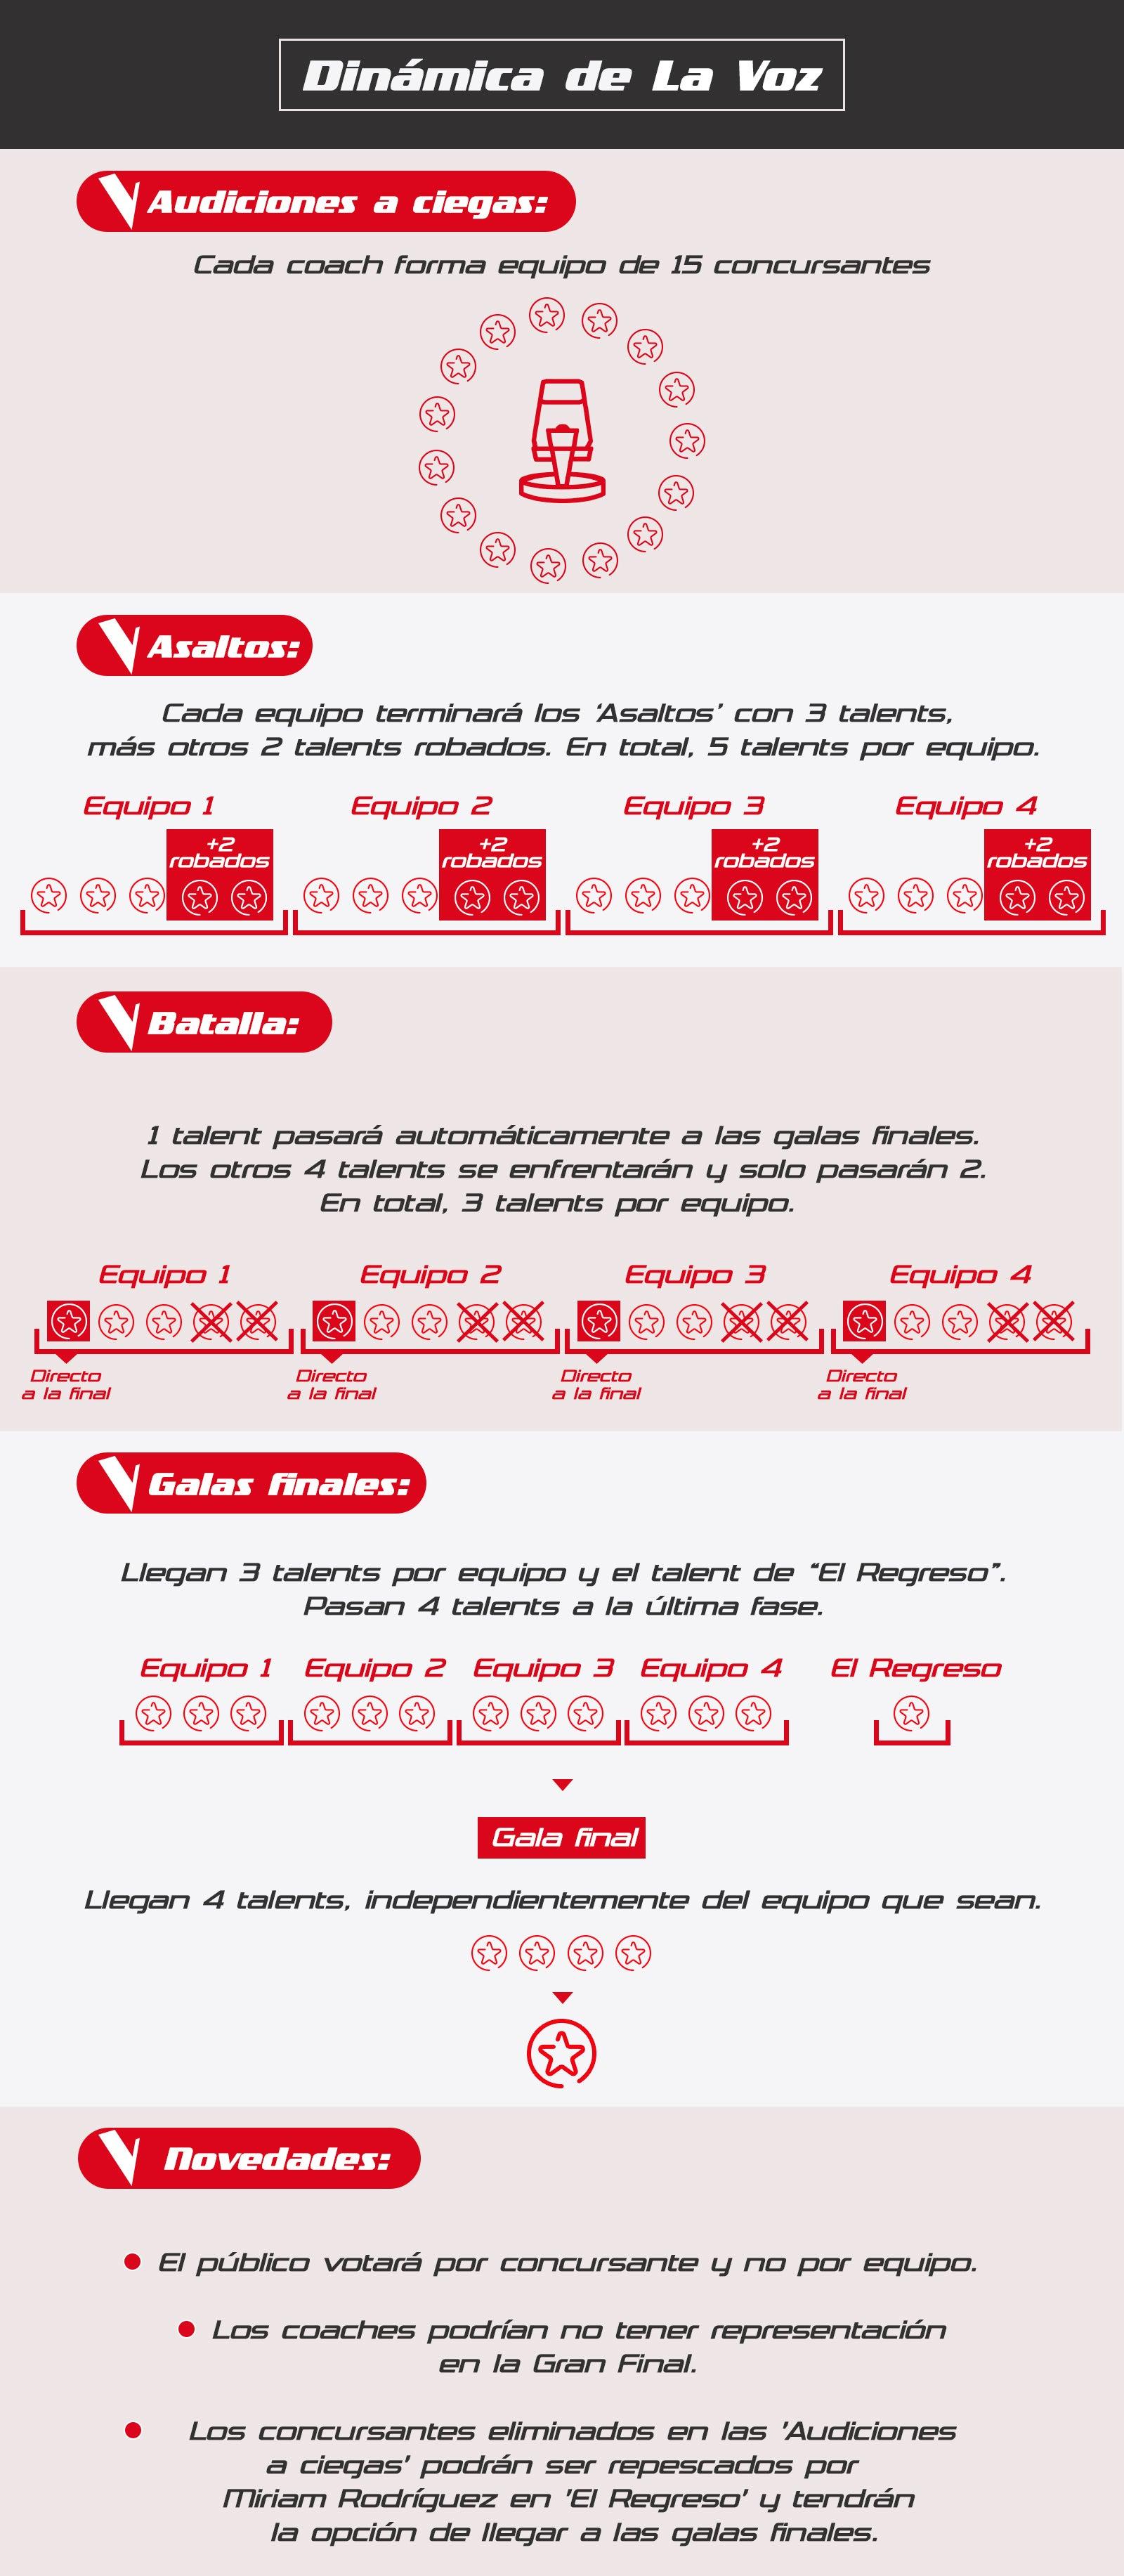 Infografía dinámica de La Voz